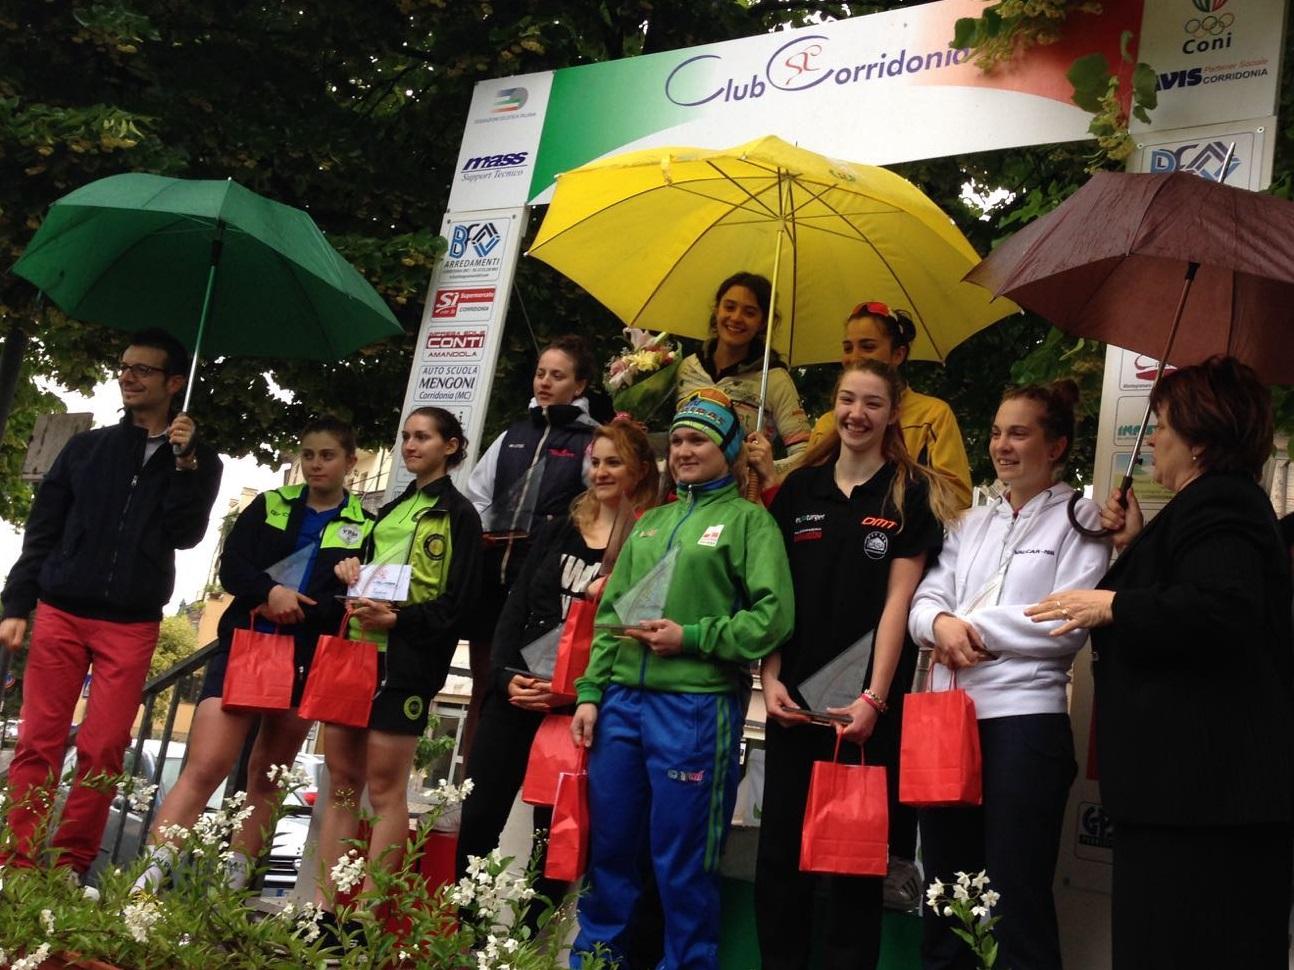 La premiazione della gara Donne Junior